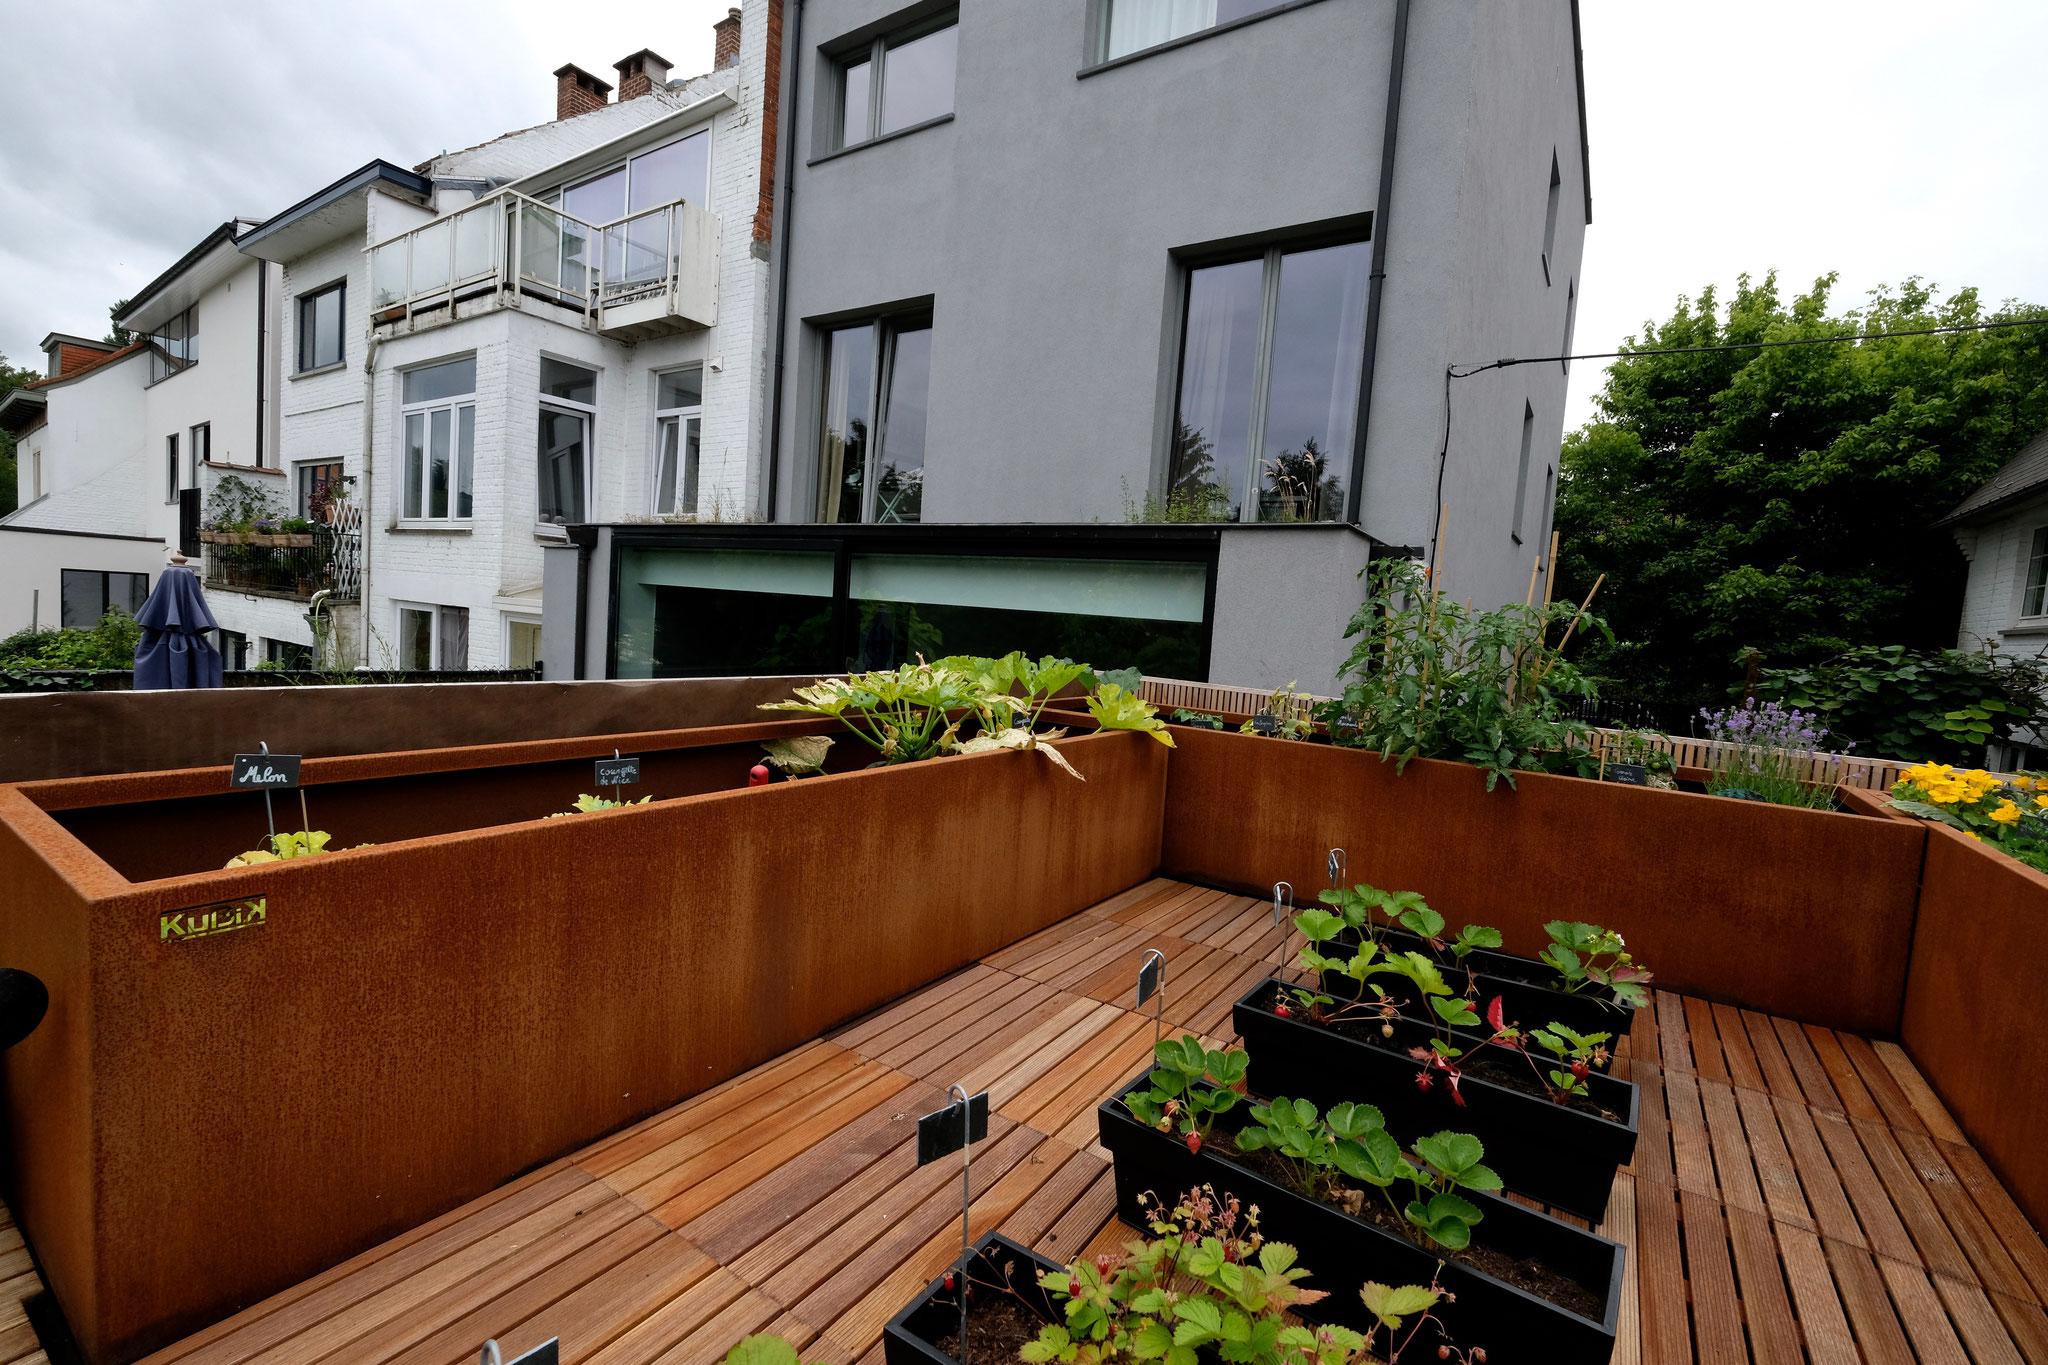 Jardin de ville 150m2 - Jardin contemporain - Potager sur le toit du garage. Aménagement jardin Bruxelles